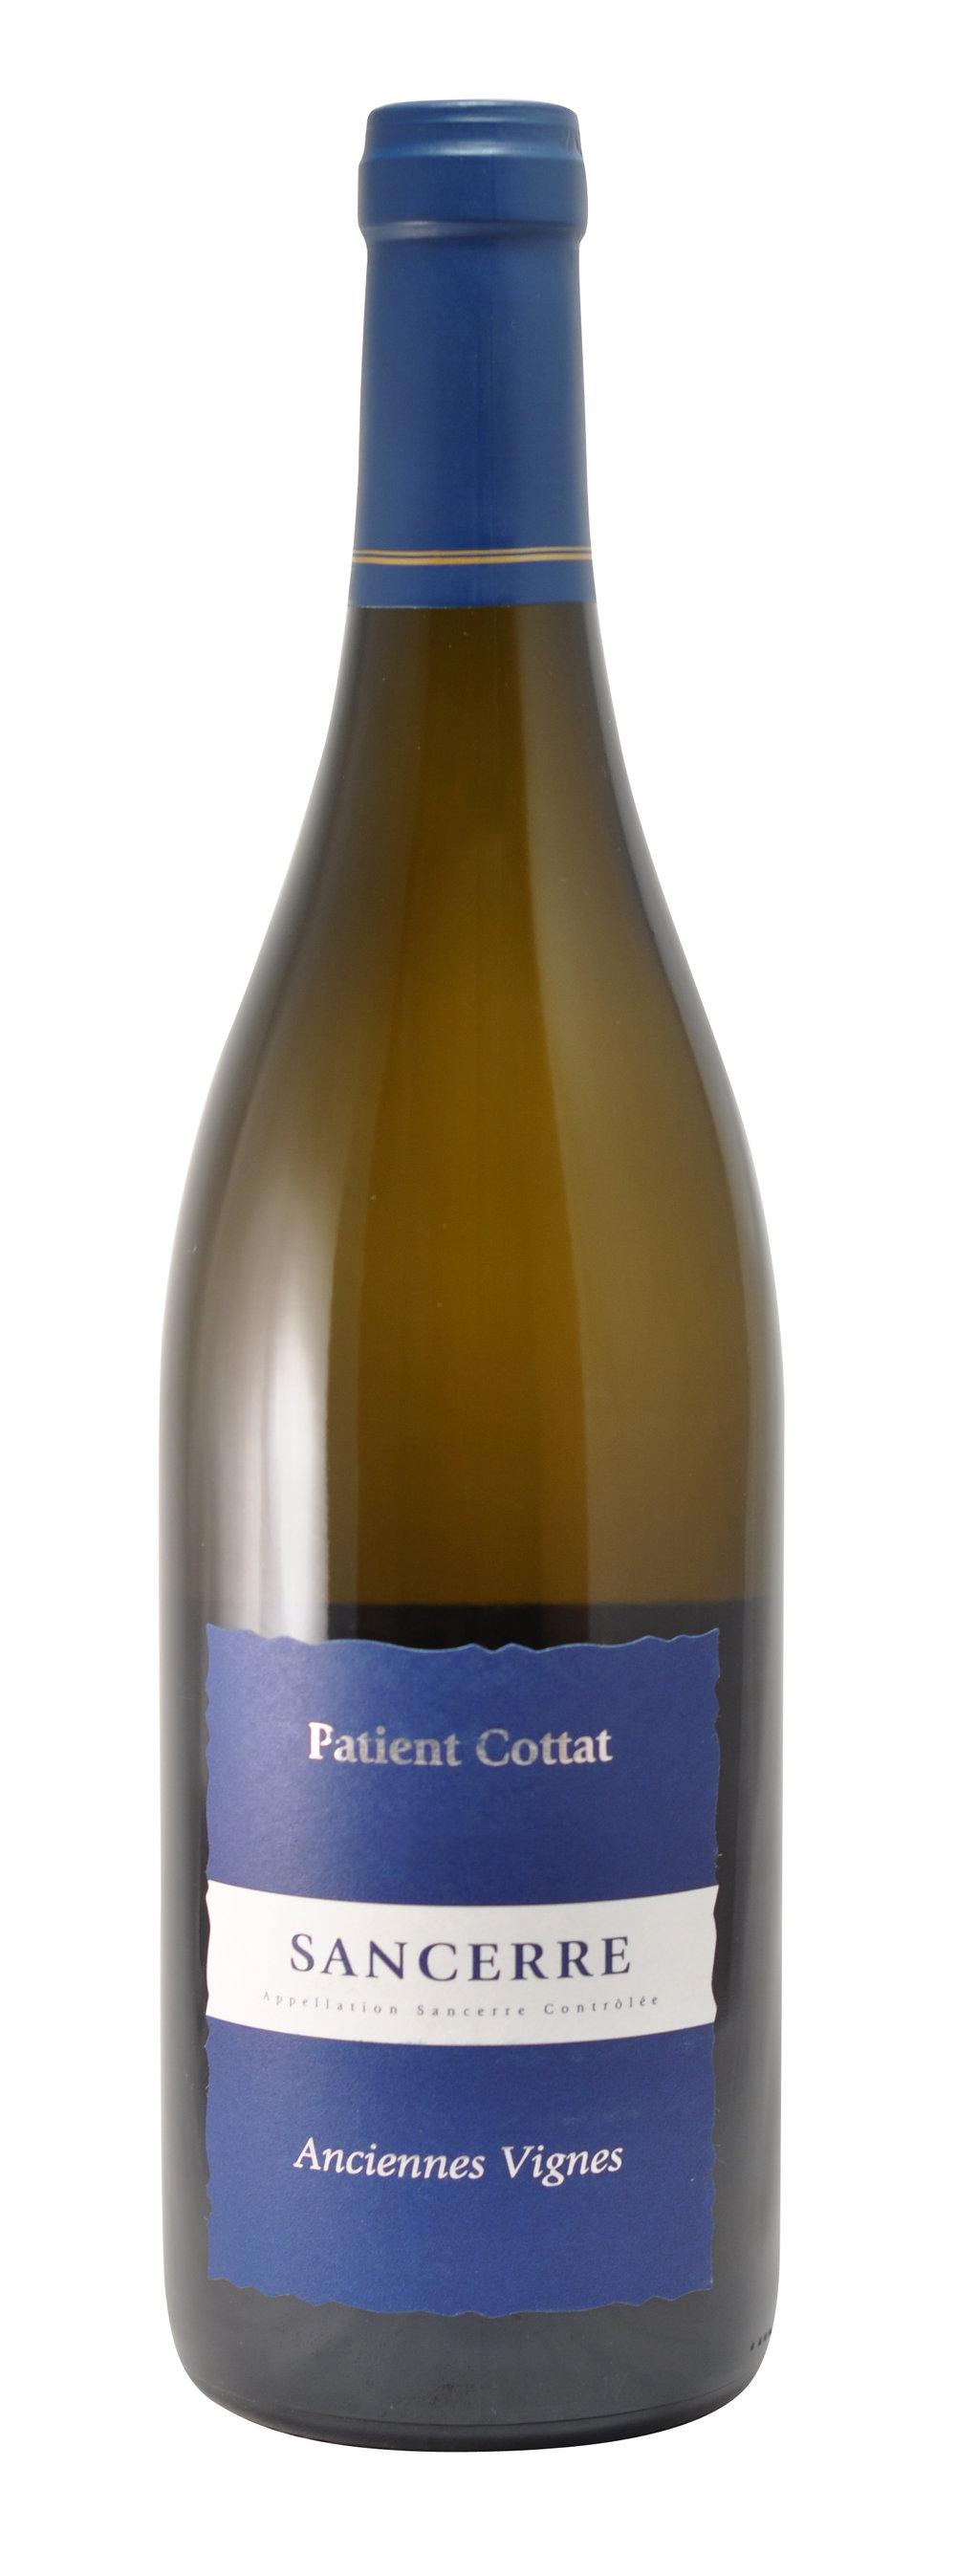 Patient Cottat Sancerre bottle.jpg